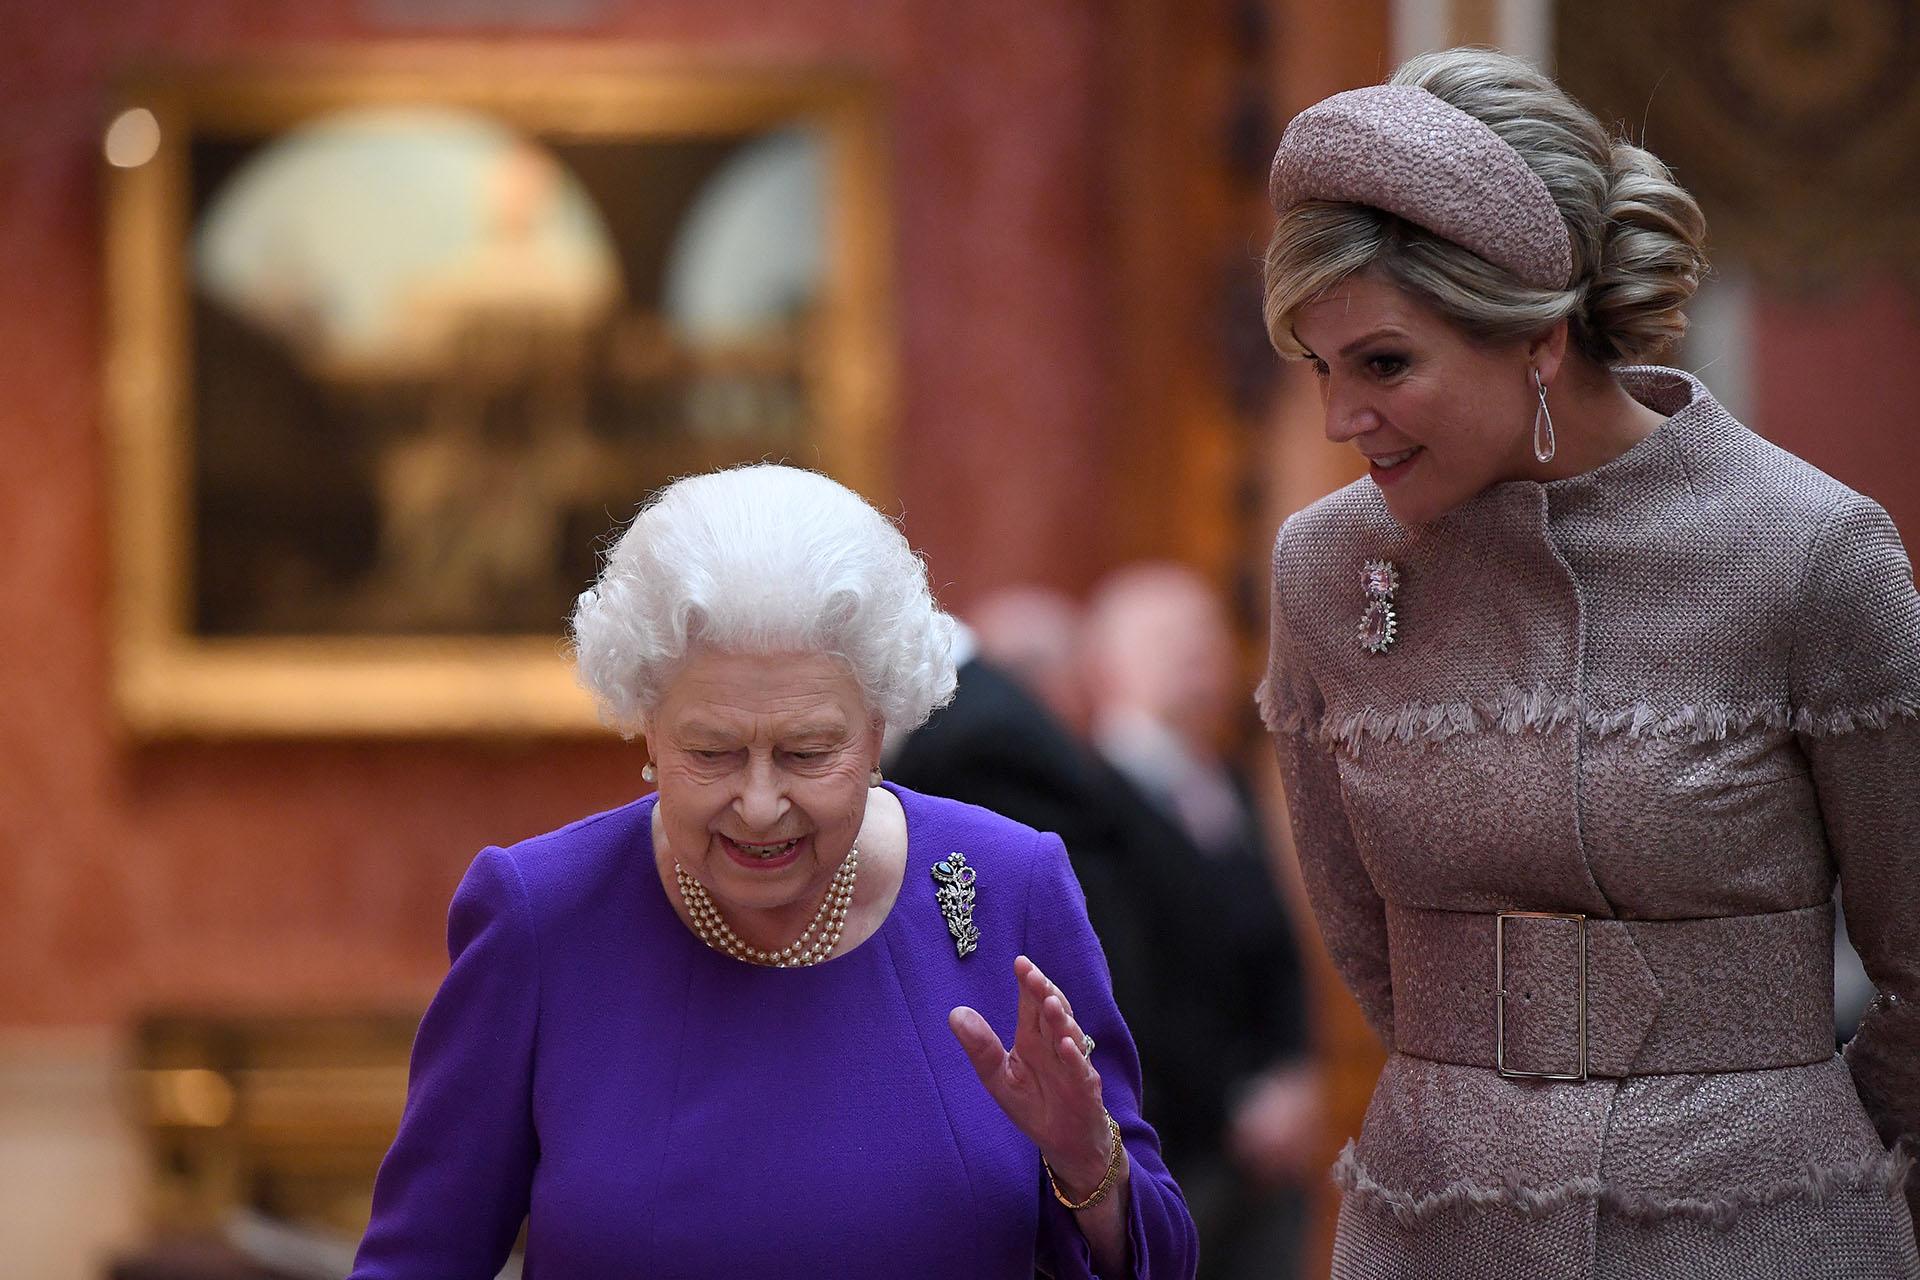 La reina Isabel II habla con la reina Máxima de los Países Bajos sobre piezas de arte holandeses de la Royal Collection en el Palacio de Buckingham en Londres el 23 de octubre de 2018, durante la visita de estado de dos días de los reyes